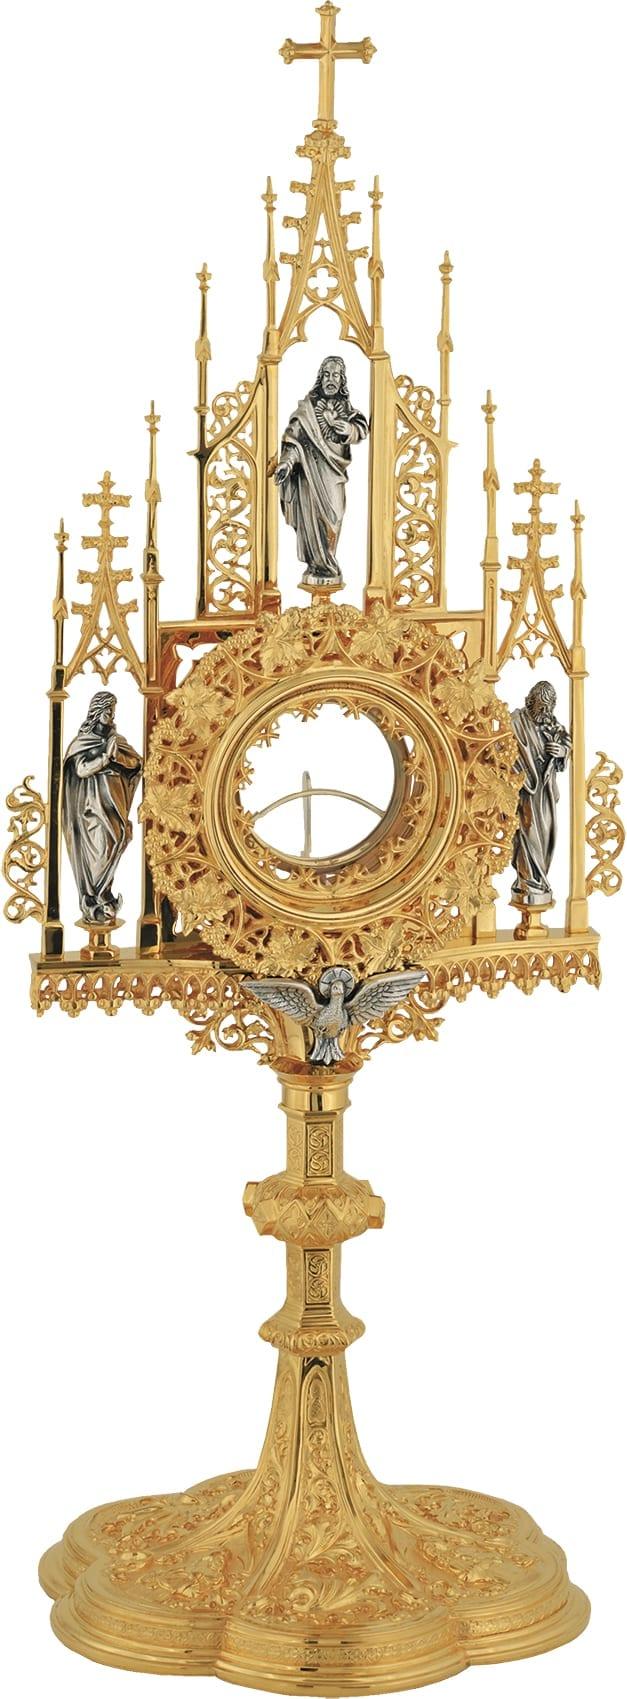 Ostensorio stile gotico francese, un autentico gioiello di arte sacra, impreziosito da decorazioni gotiche e statue delle Virtù nei pinnacoli della teca